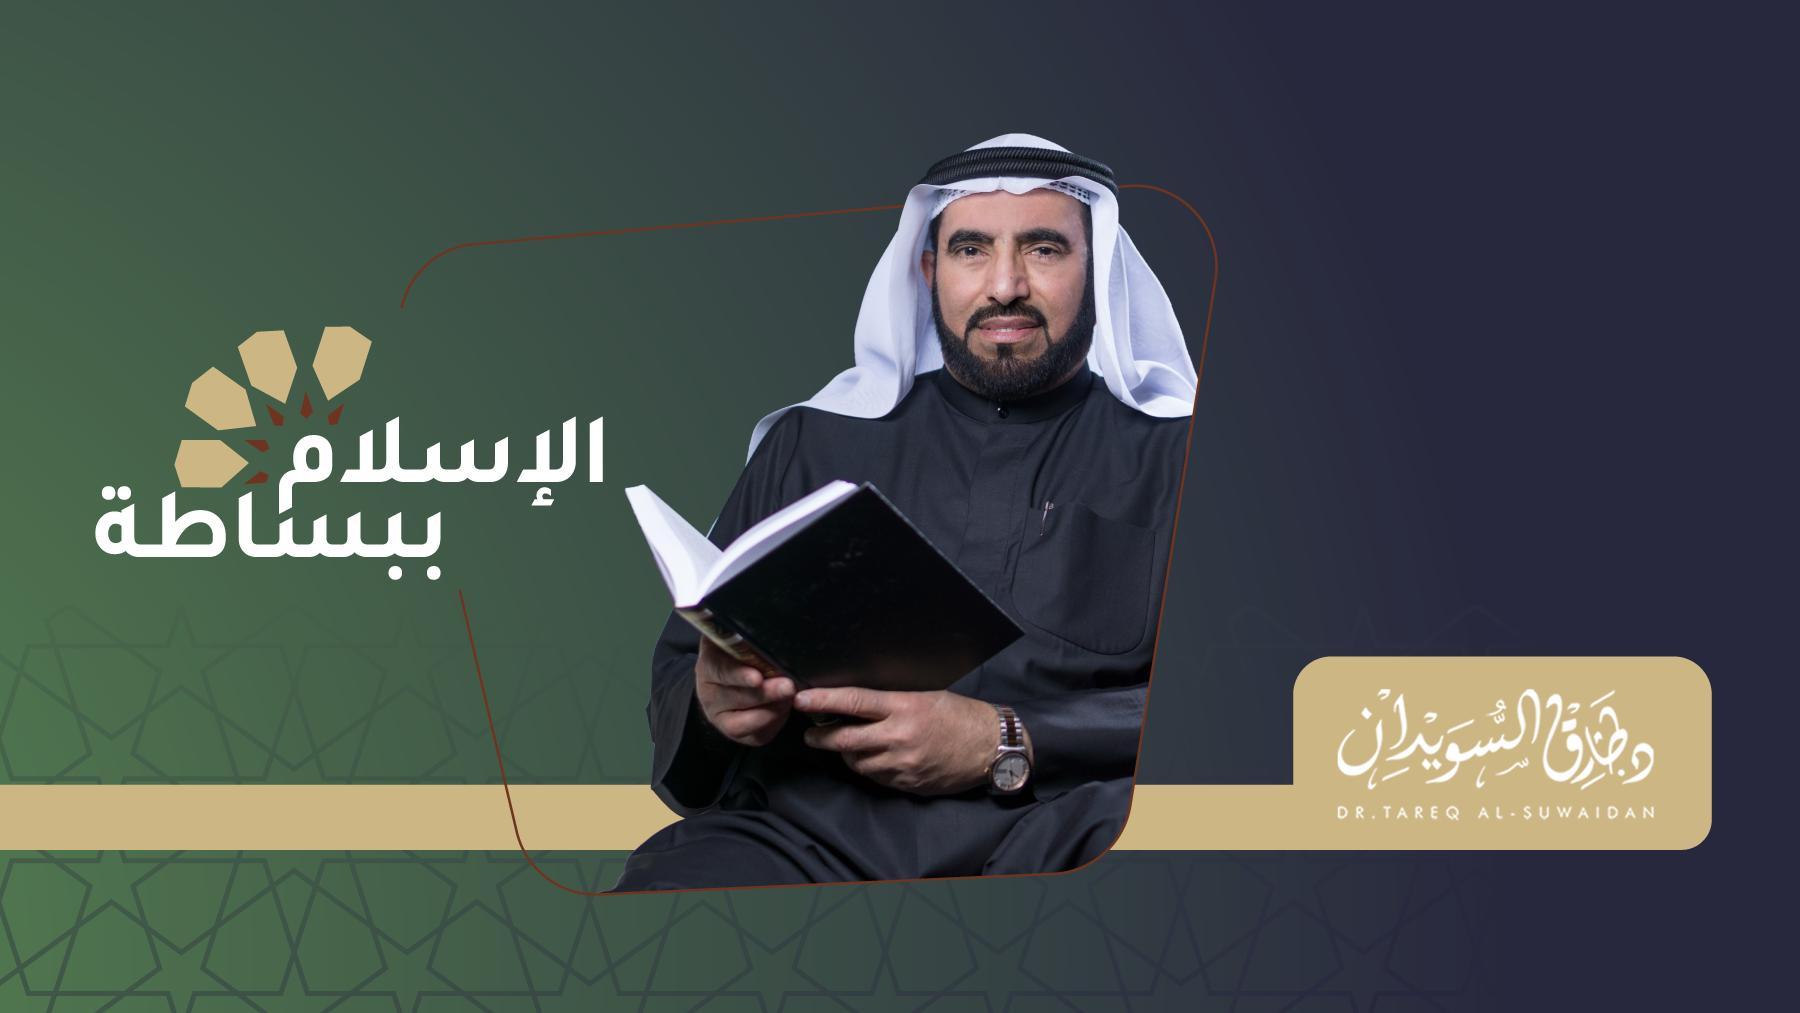 الإسلام ببساطة - الدكتور طارق السويدان – الموقع الرسمي